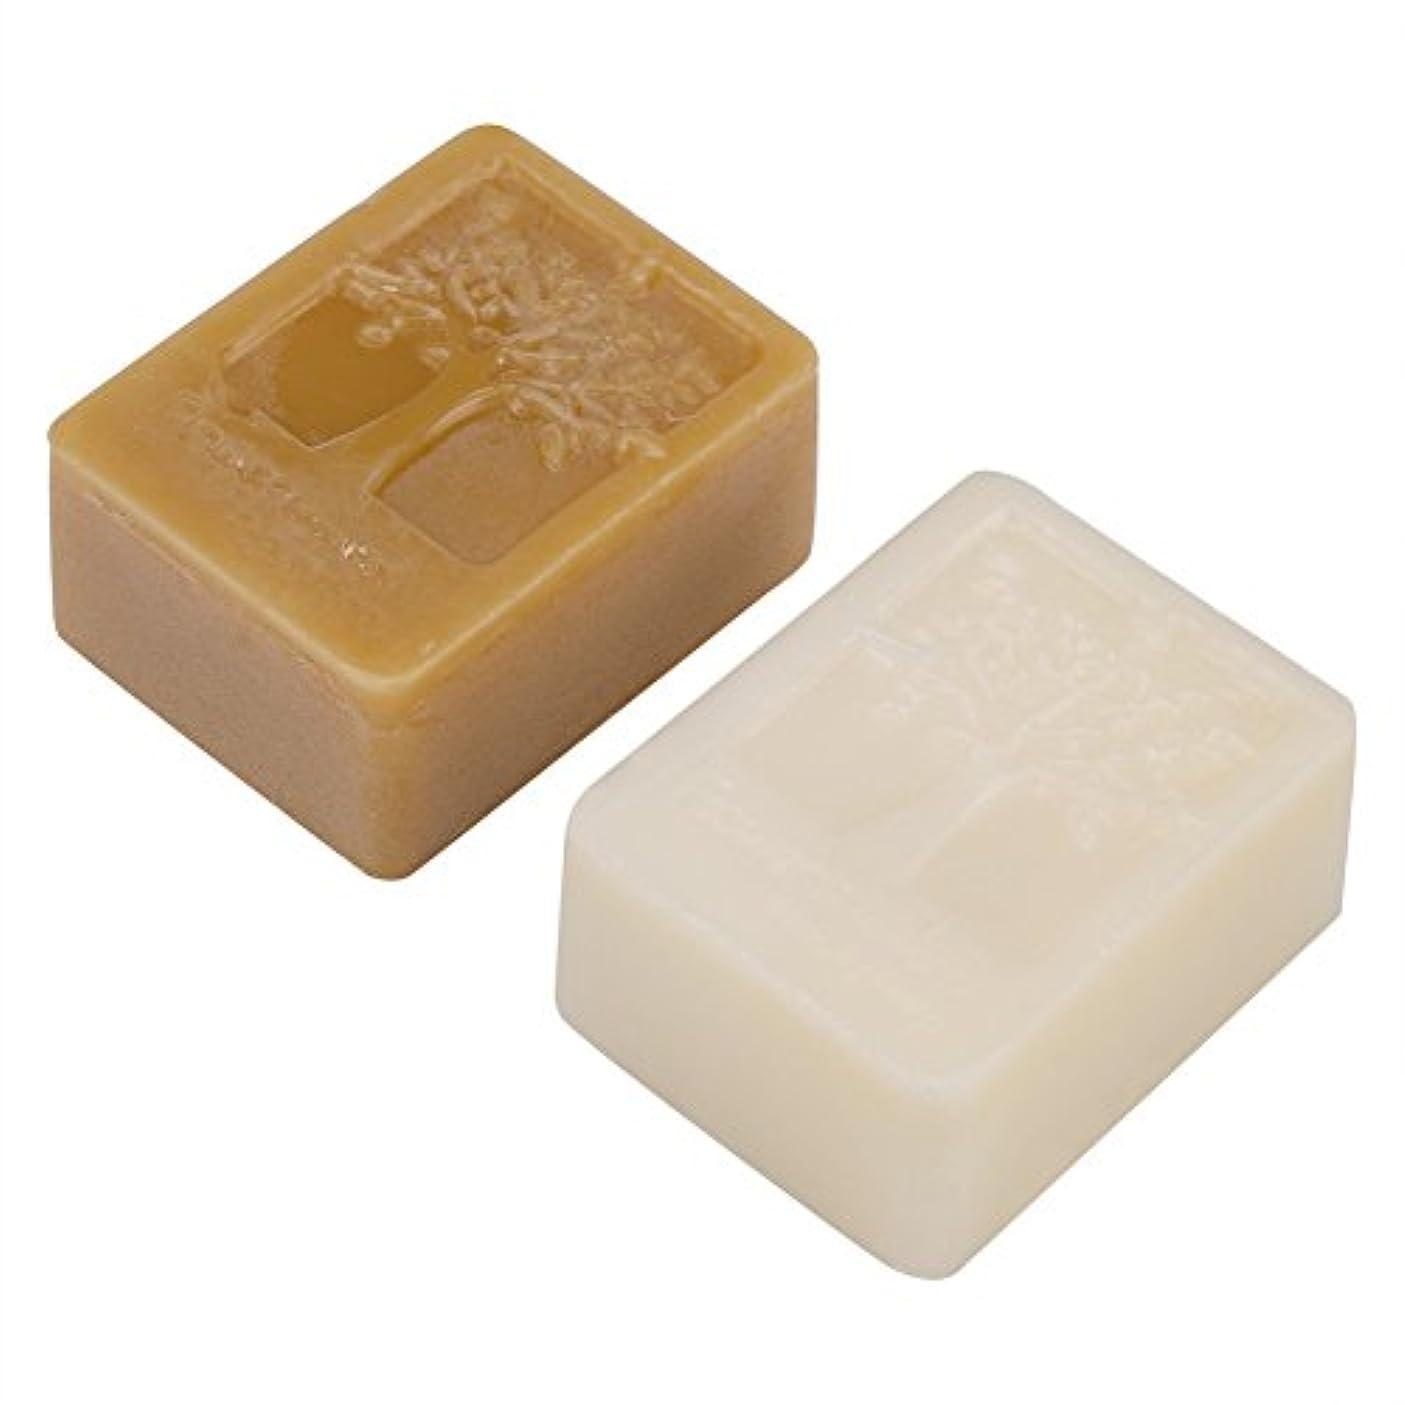 親酒旋律的純粋な100g / 3.5oz白い蜜蝋ブロック+ 100g / 3.5oz黄色の蜜蝋石鹸、食品等級